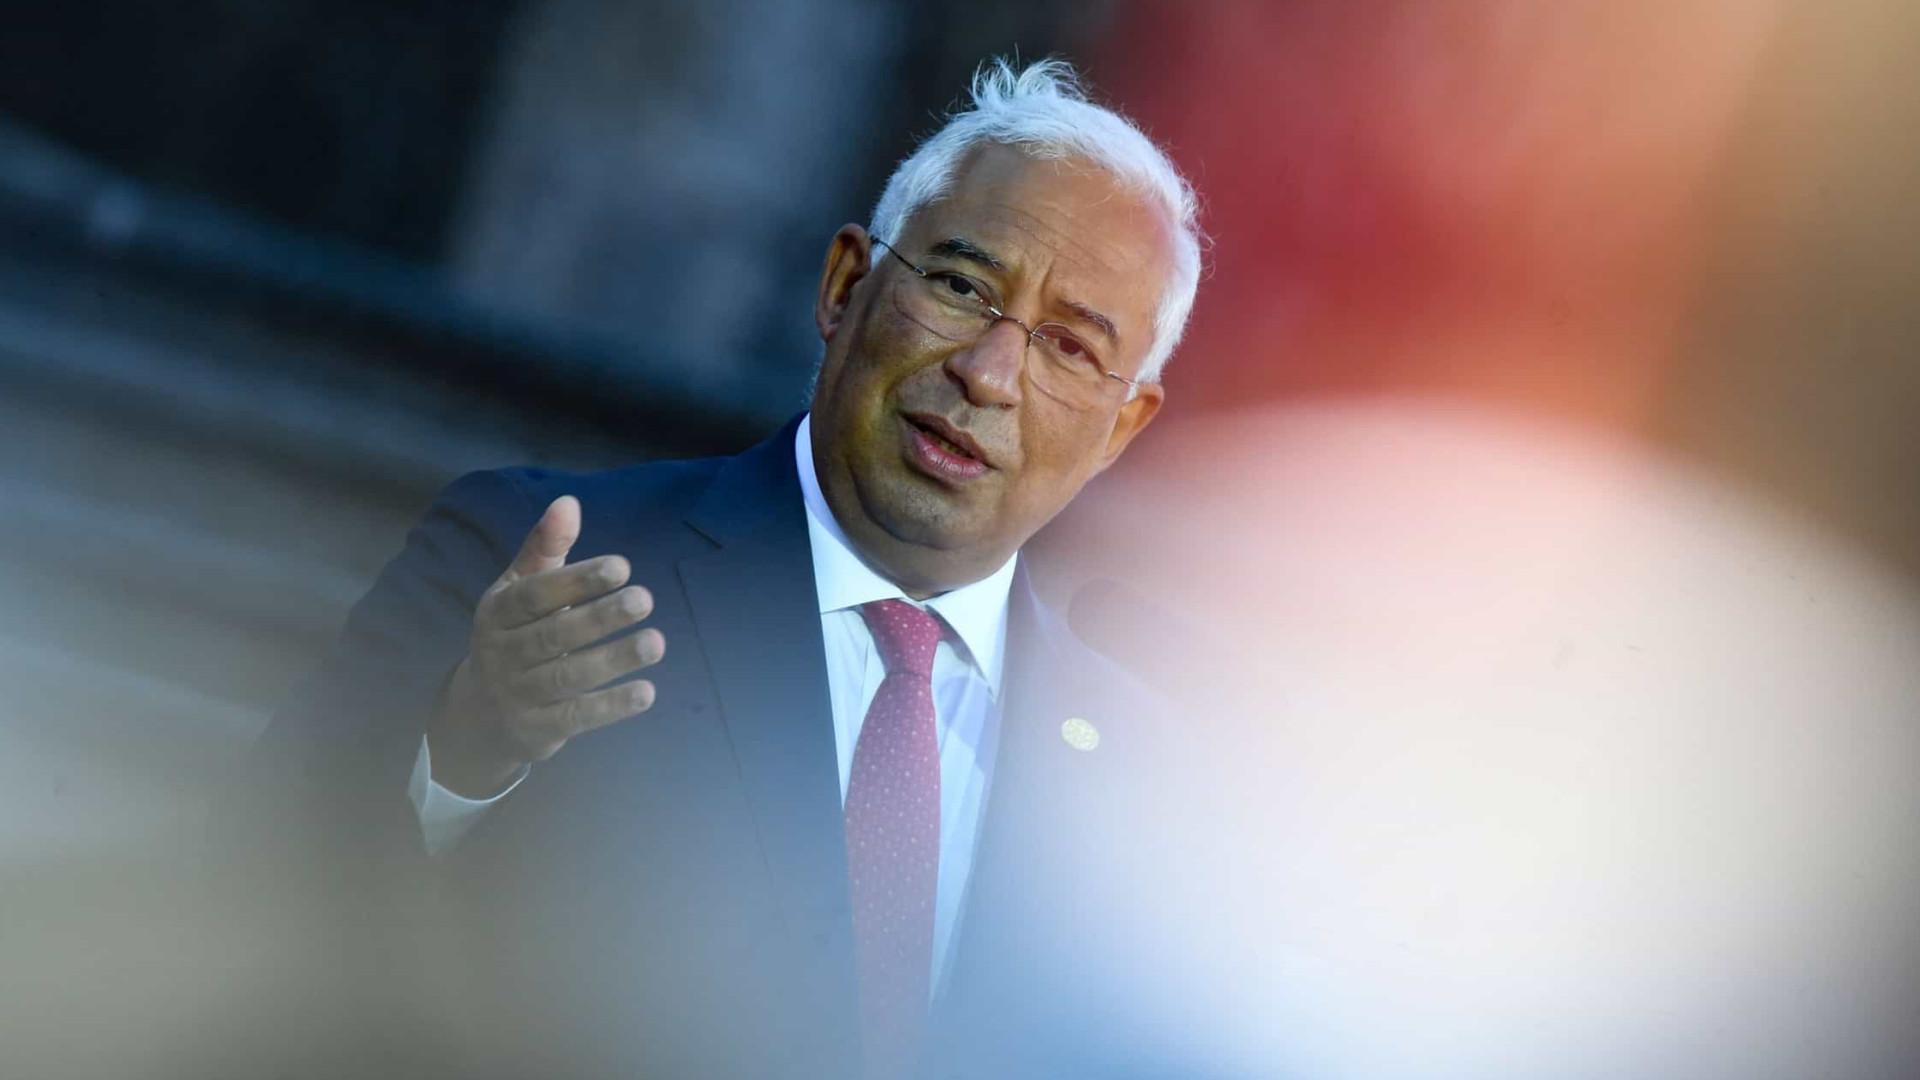 Costa agradece mobilização de portugueses para discussão pública do PRR